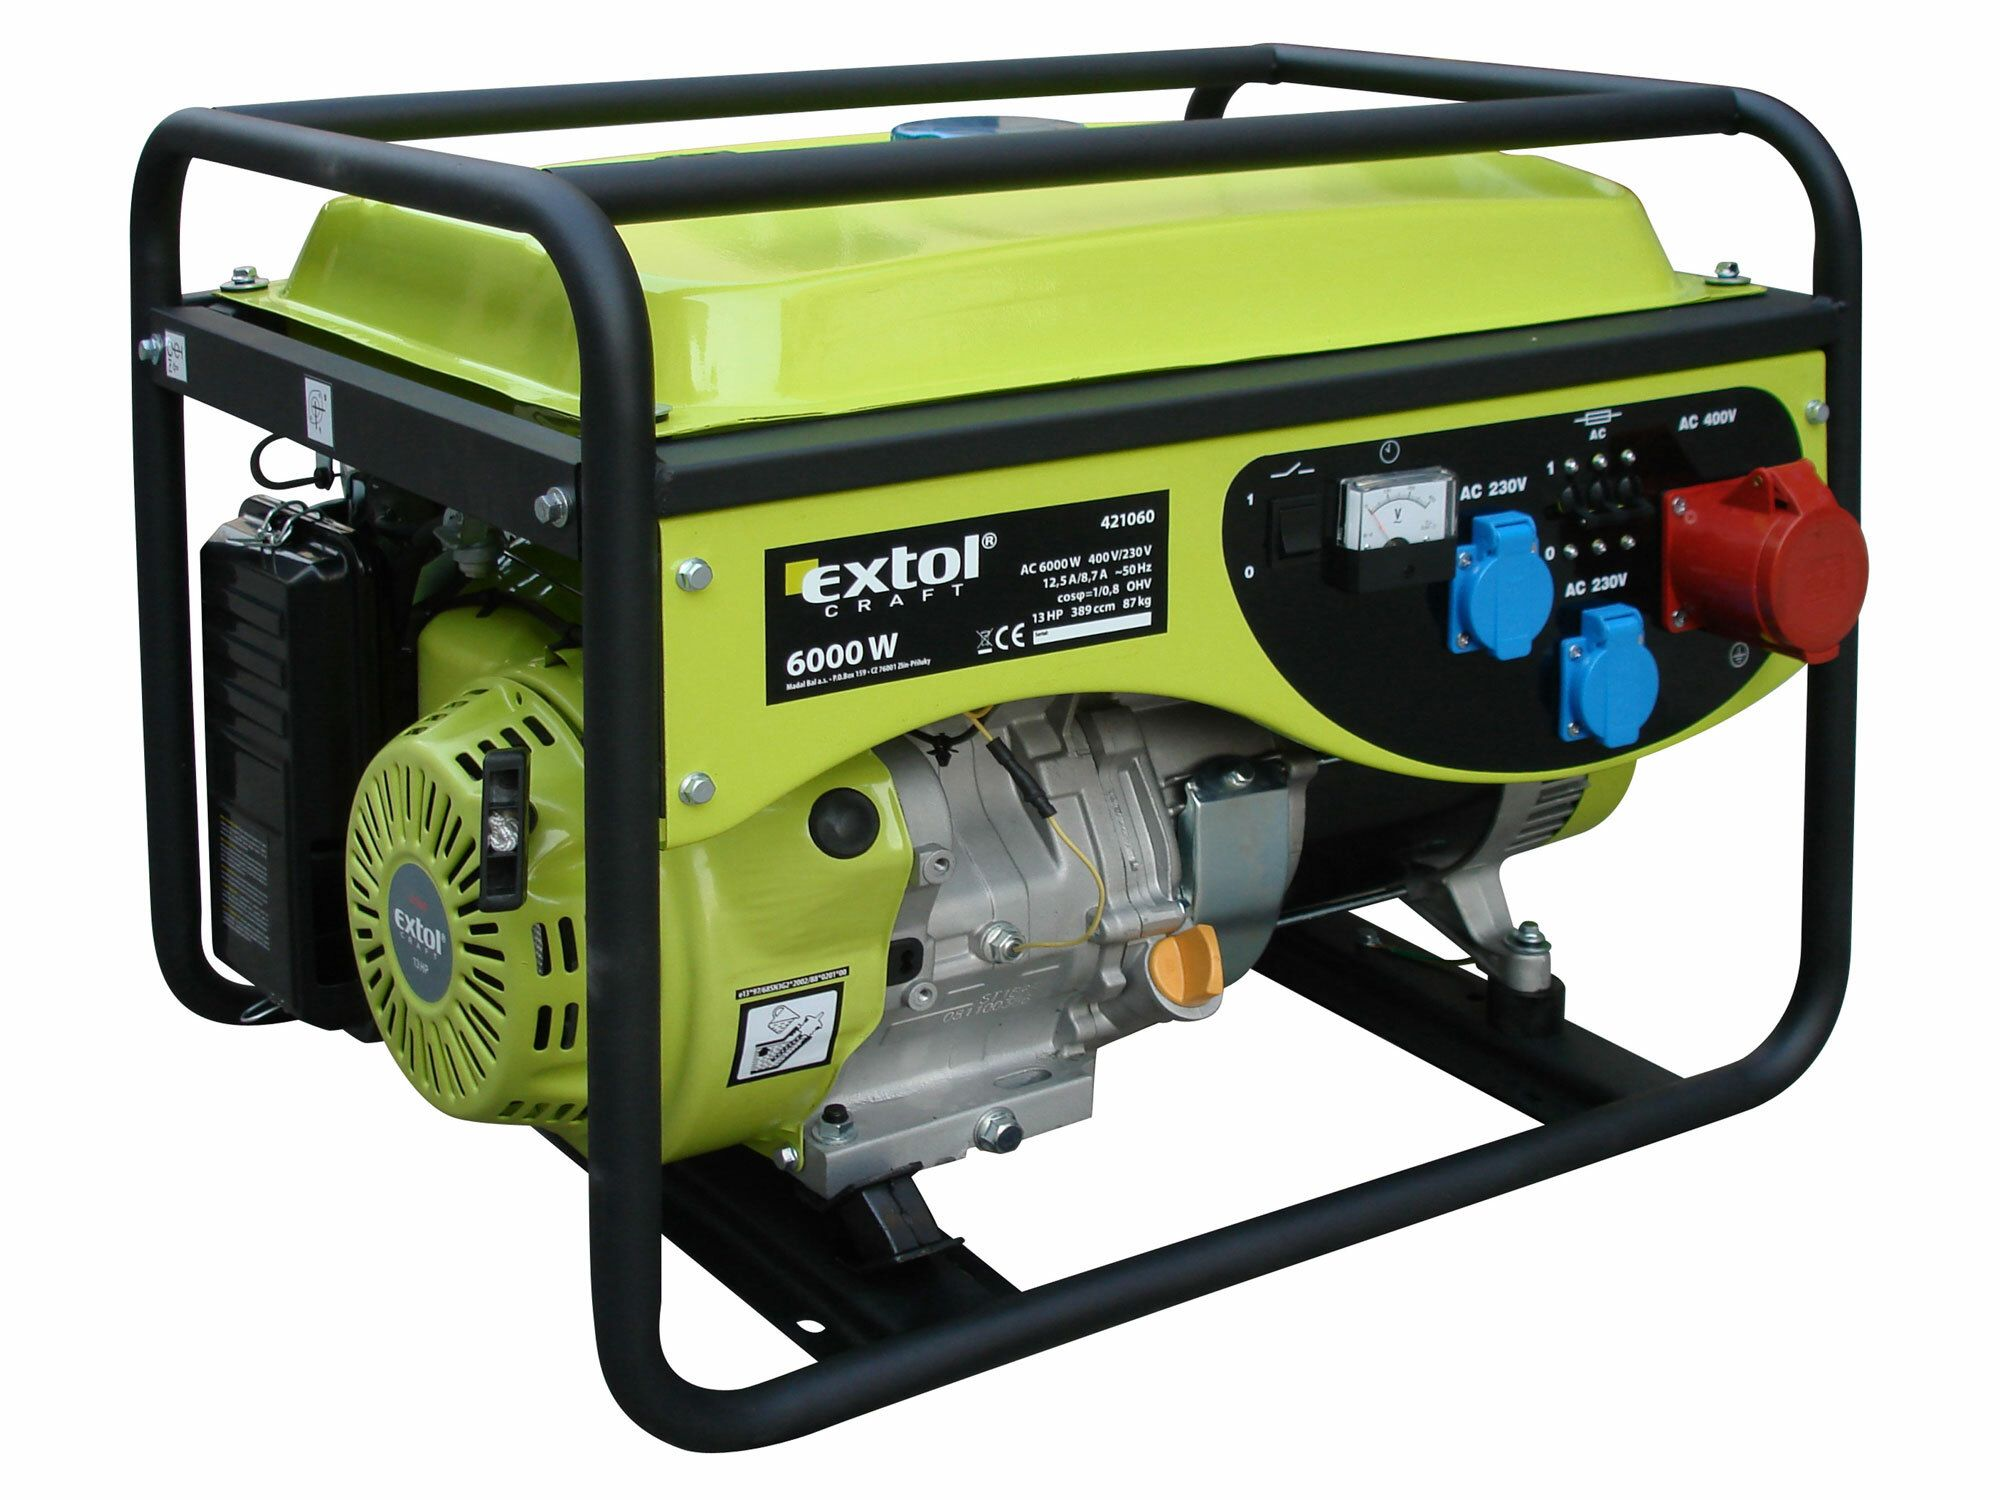 Elektrocentrála benzínová 13HP, 6,0kW (400V)/2,2kW (230V), EXTOL CRAFT, 421060